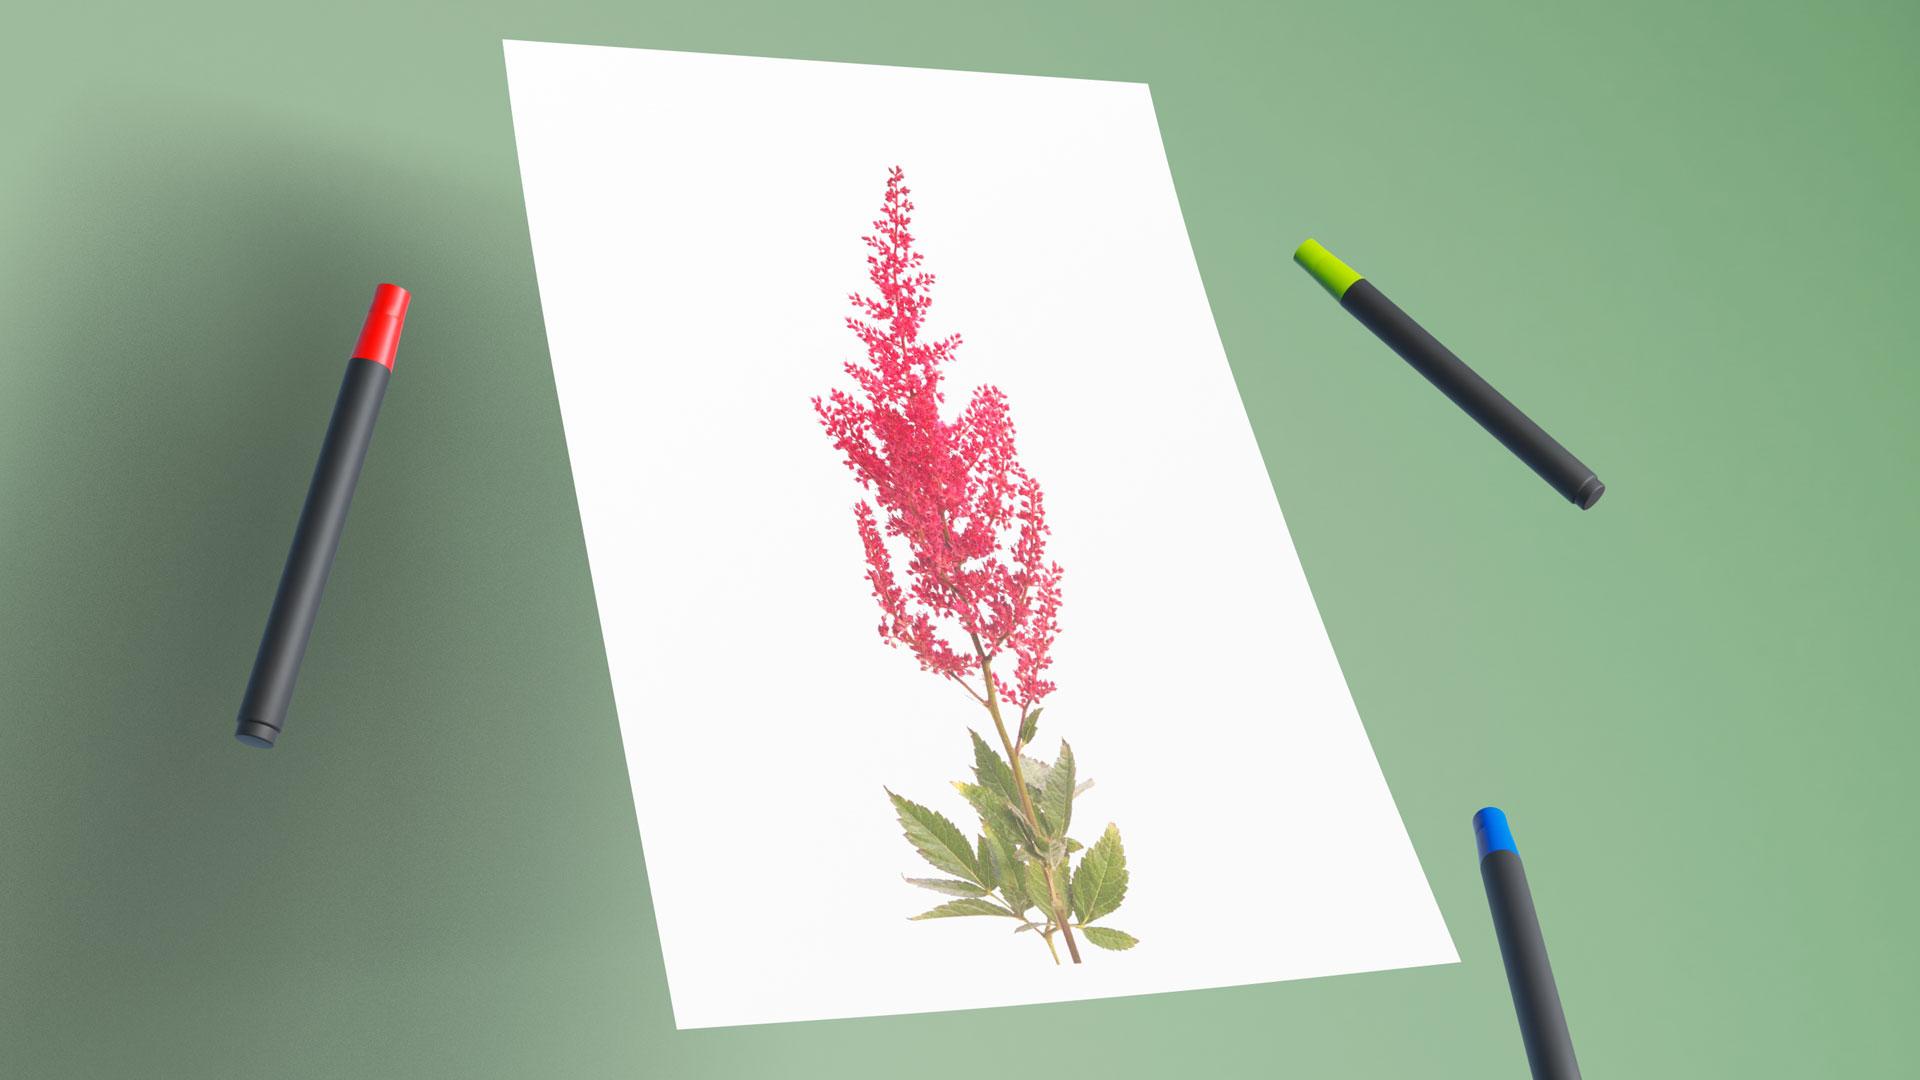 Видео мастер-класс «Как нарисовать астильбу маркером»